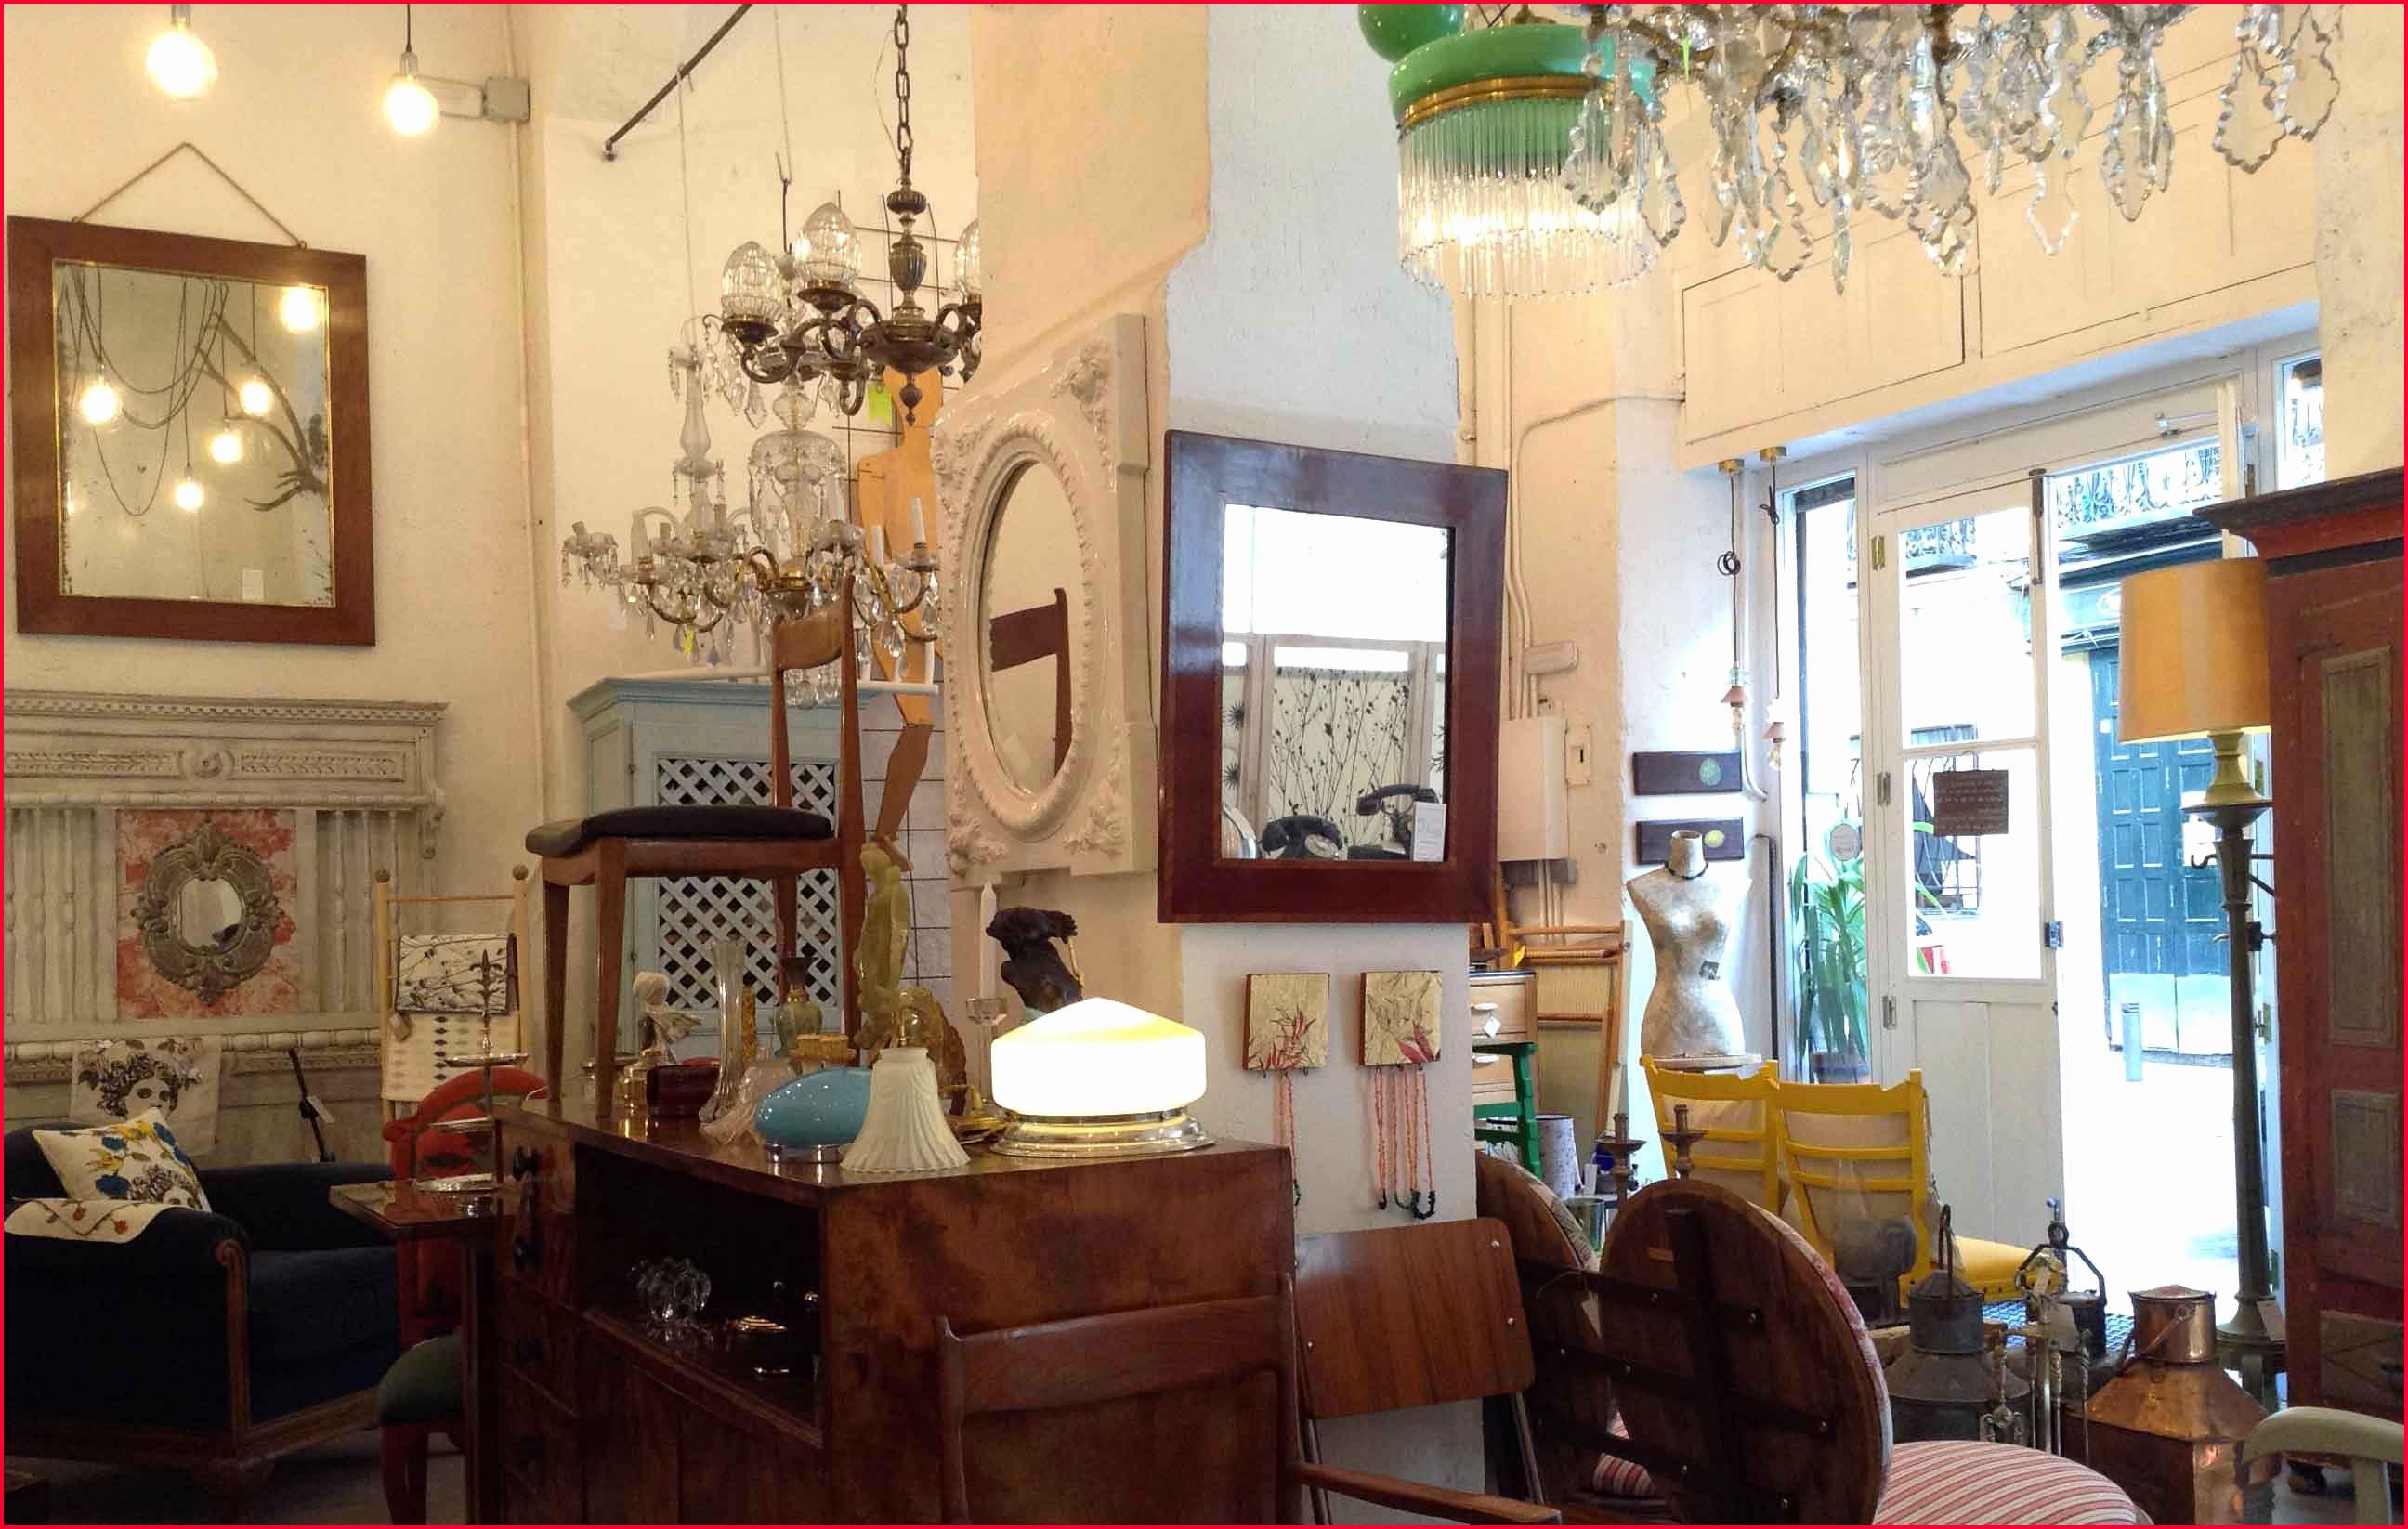 Muebles Vintage Sevilla 4pde Muebles Vintage Sevilla Tiendas De Muebles Sevilla New